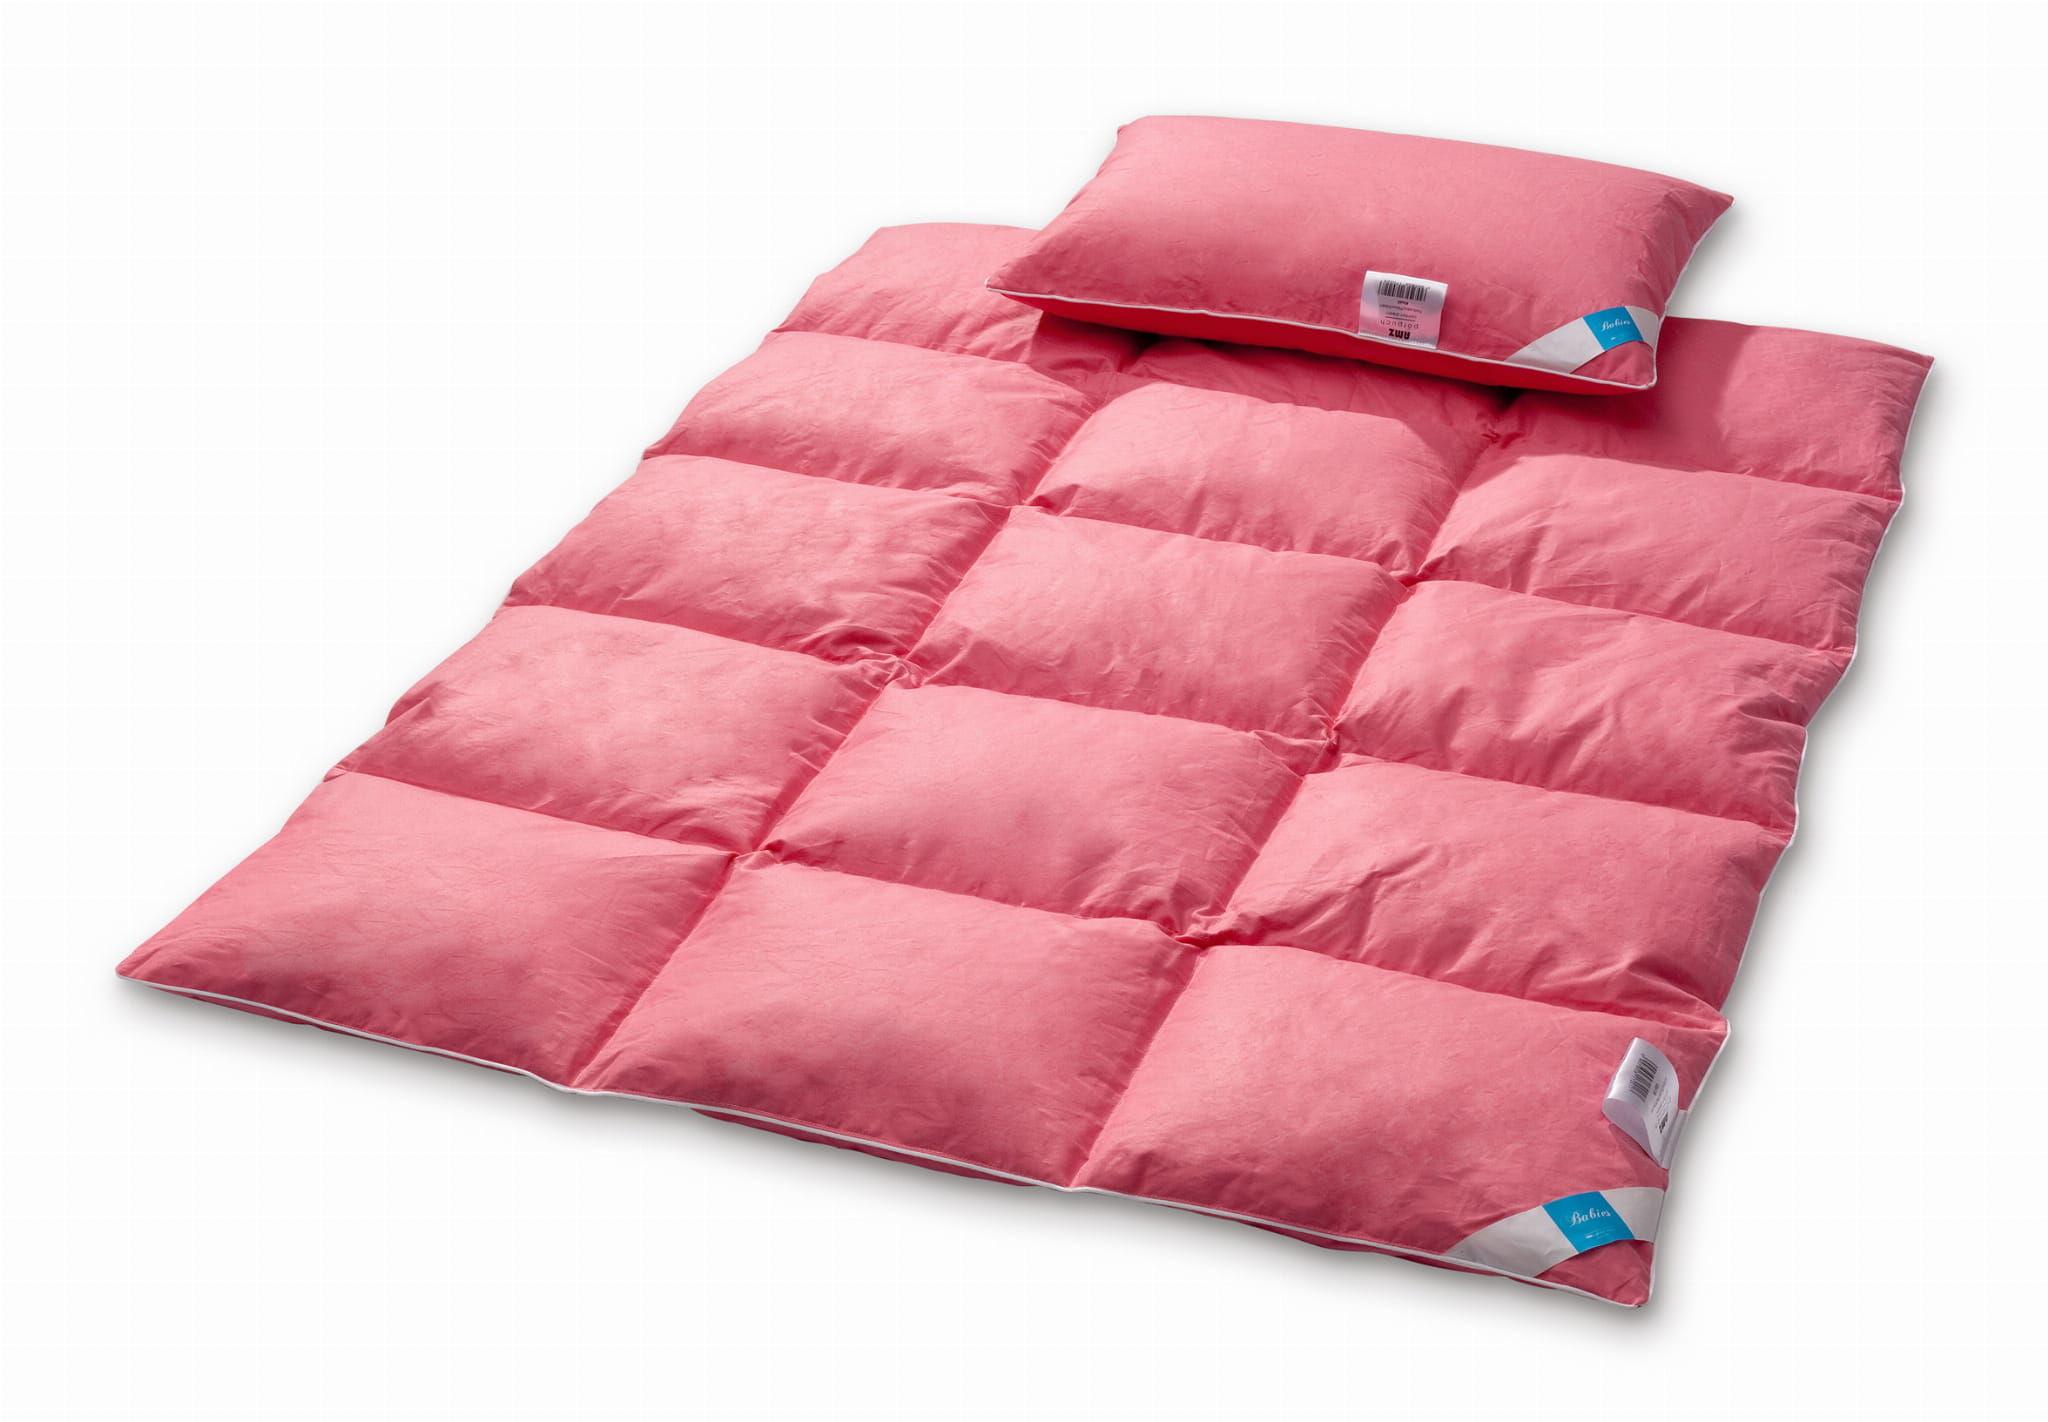 Kołdra dziecięca 90x120 AMZ Półpuch z poduszką 40x60 puch 20%